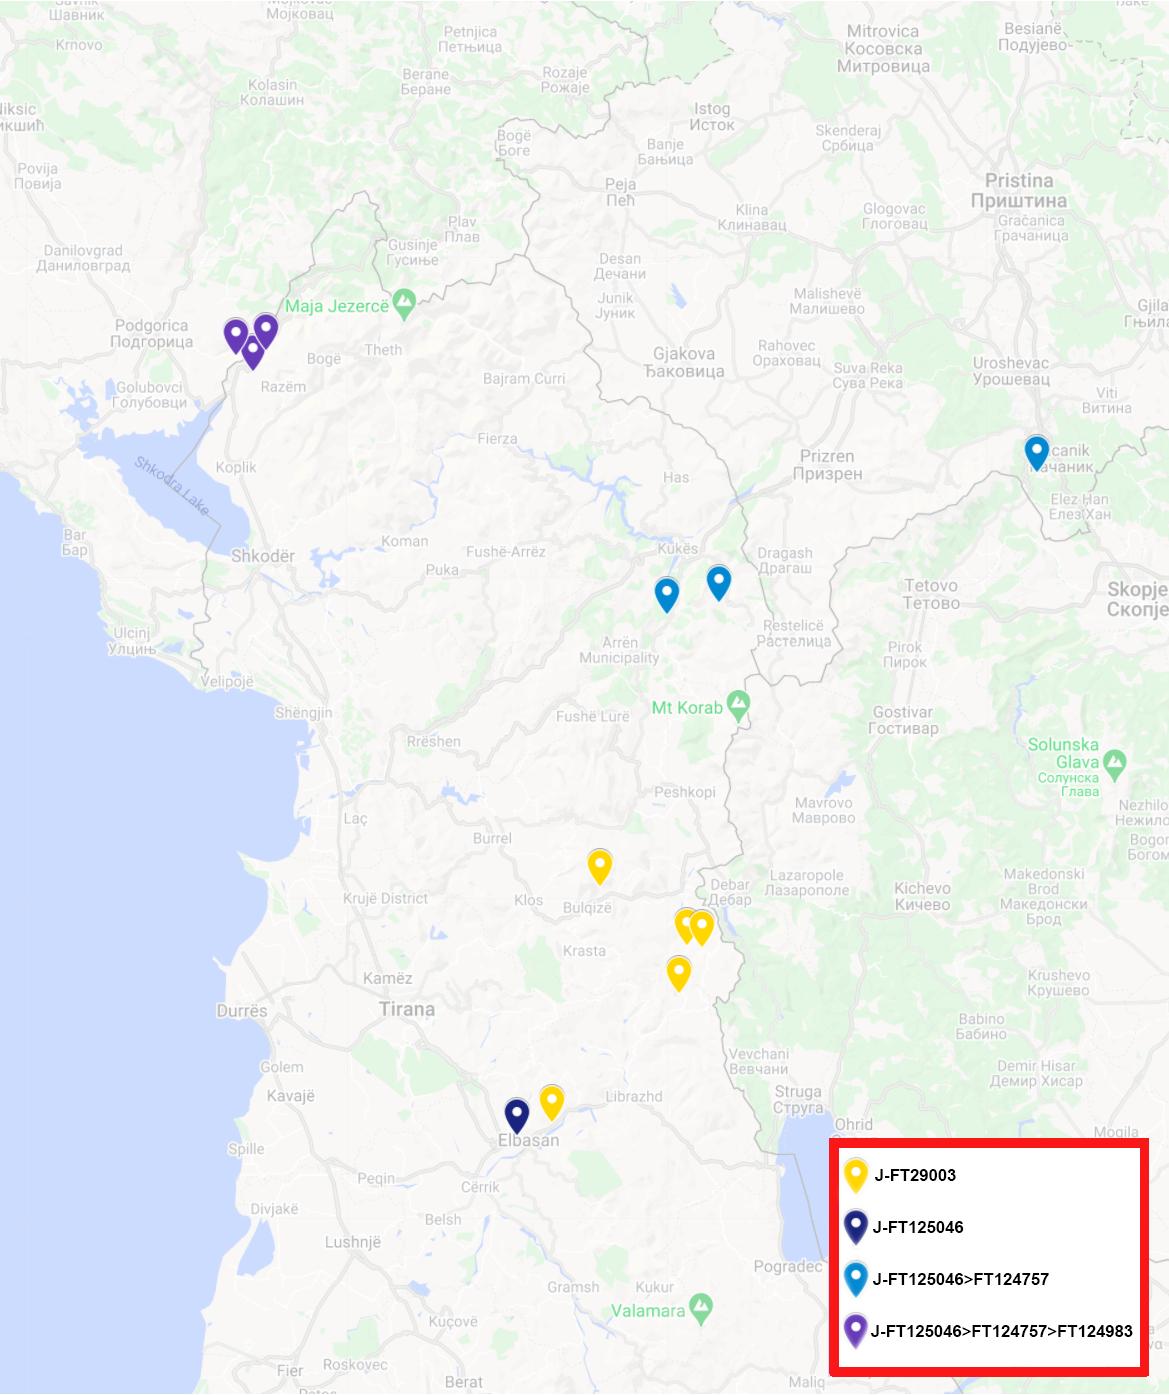 Harta e J-Y21878 ndër shqiptarë (J-Y21878 among Albanians)